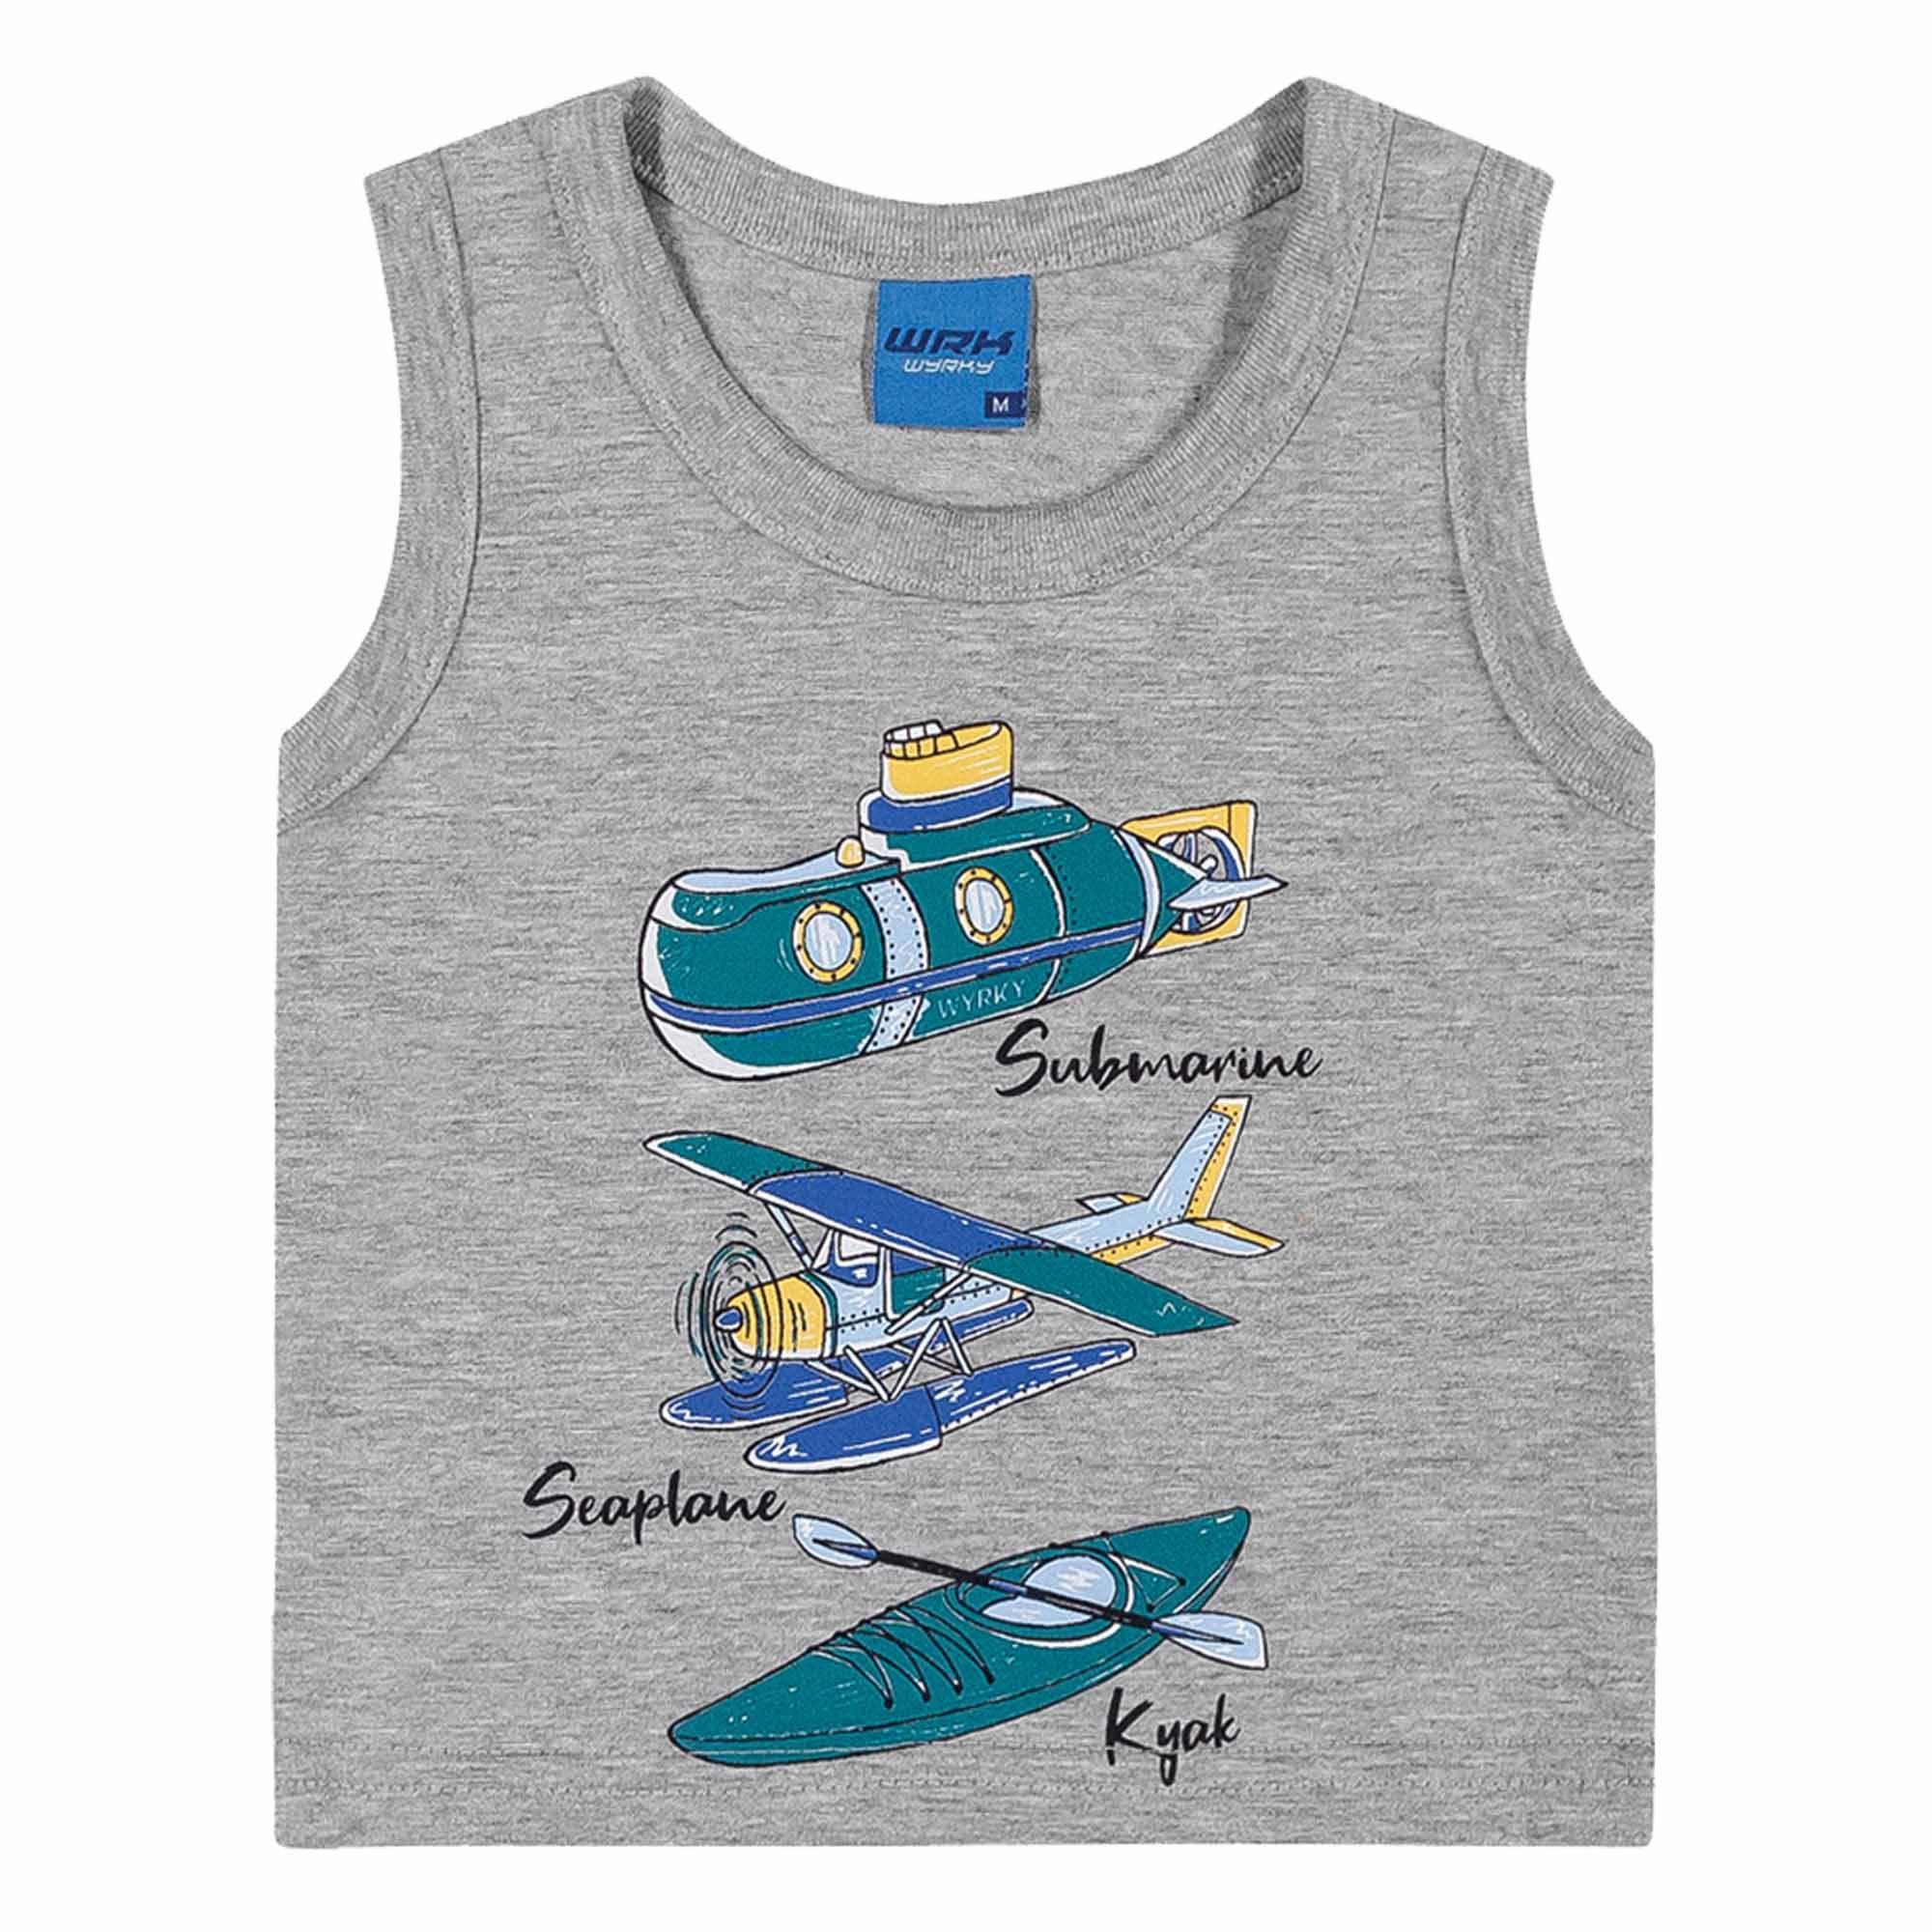 Conjunto Verão Romitex Wyrky Avião, Submarino, Caiaque - P ao G